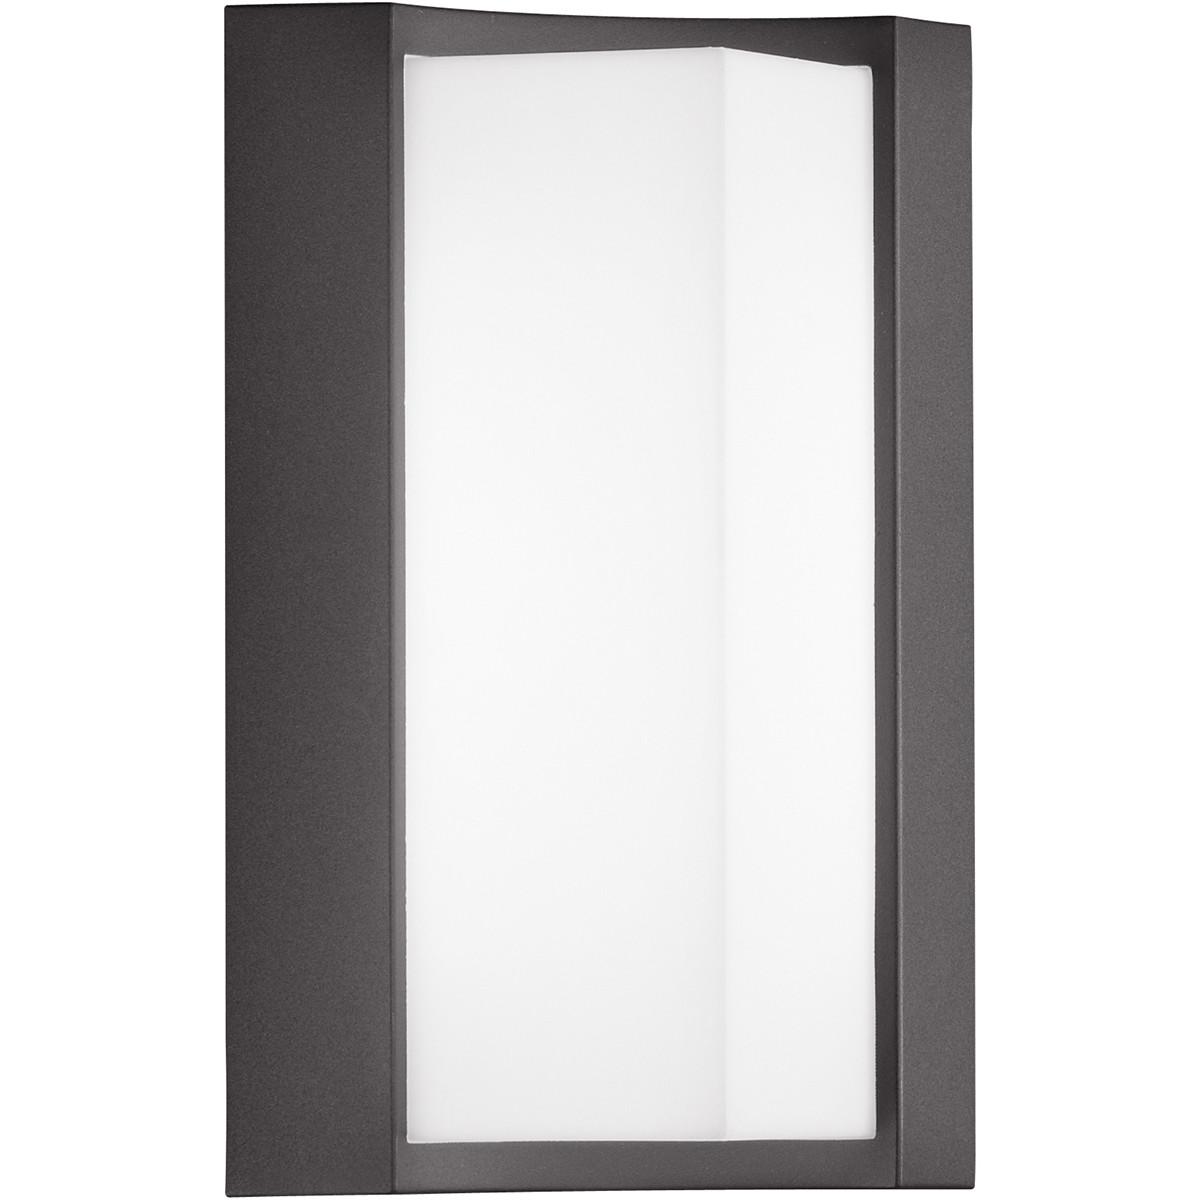 LED Tuinverlichting - Tuinlamp - Trion Soane - Wand - 8W - Mat Zwart - Aluminium